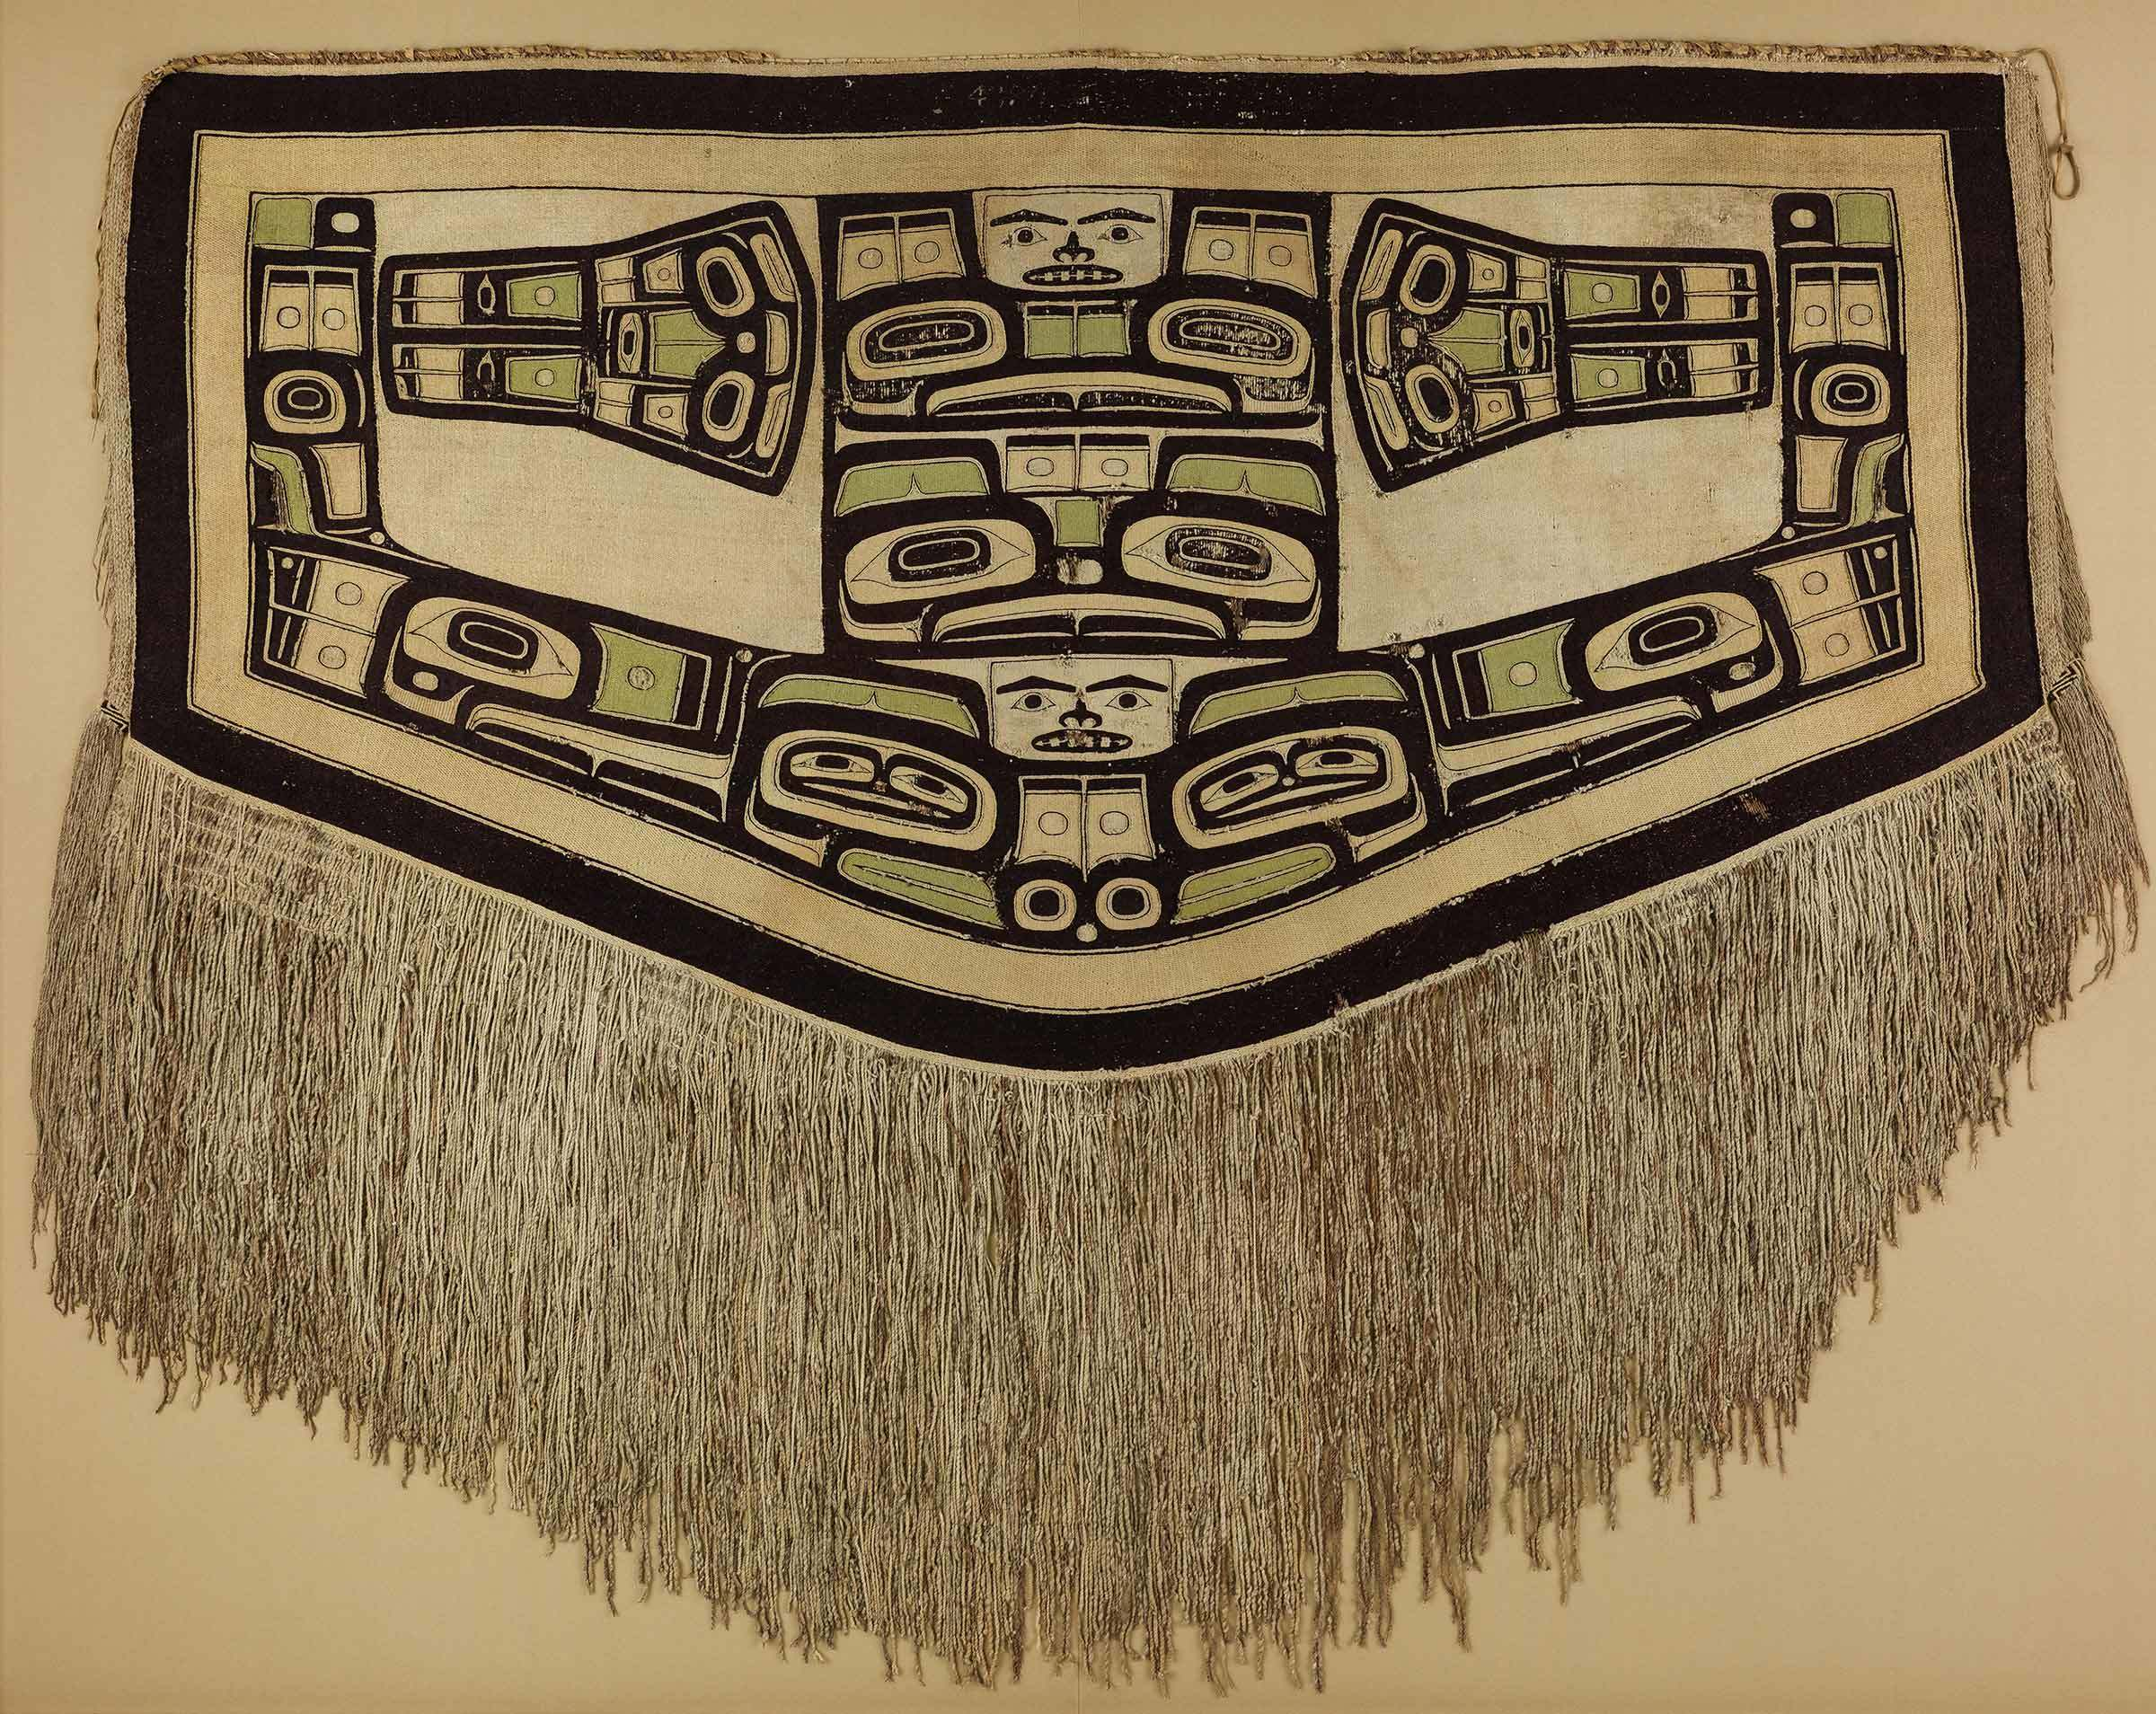 Tlingit artist, Chilkat blanket, before 1832